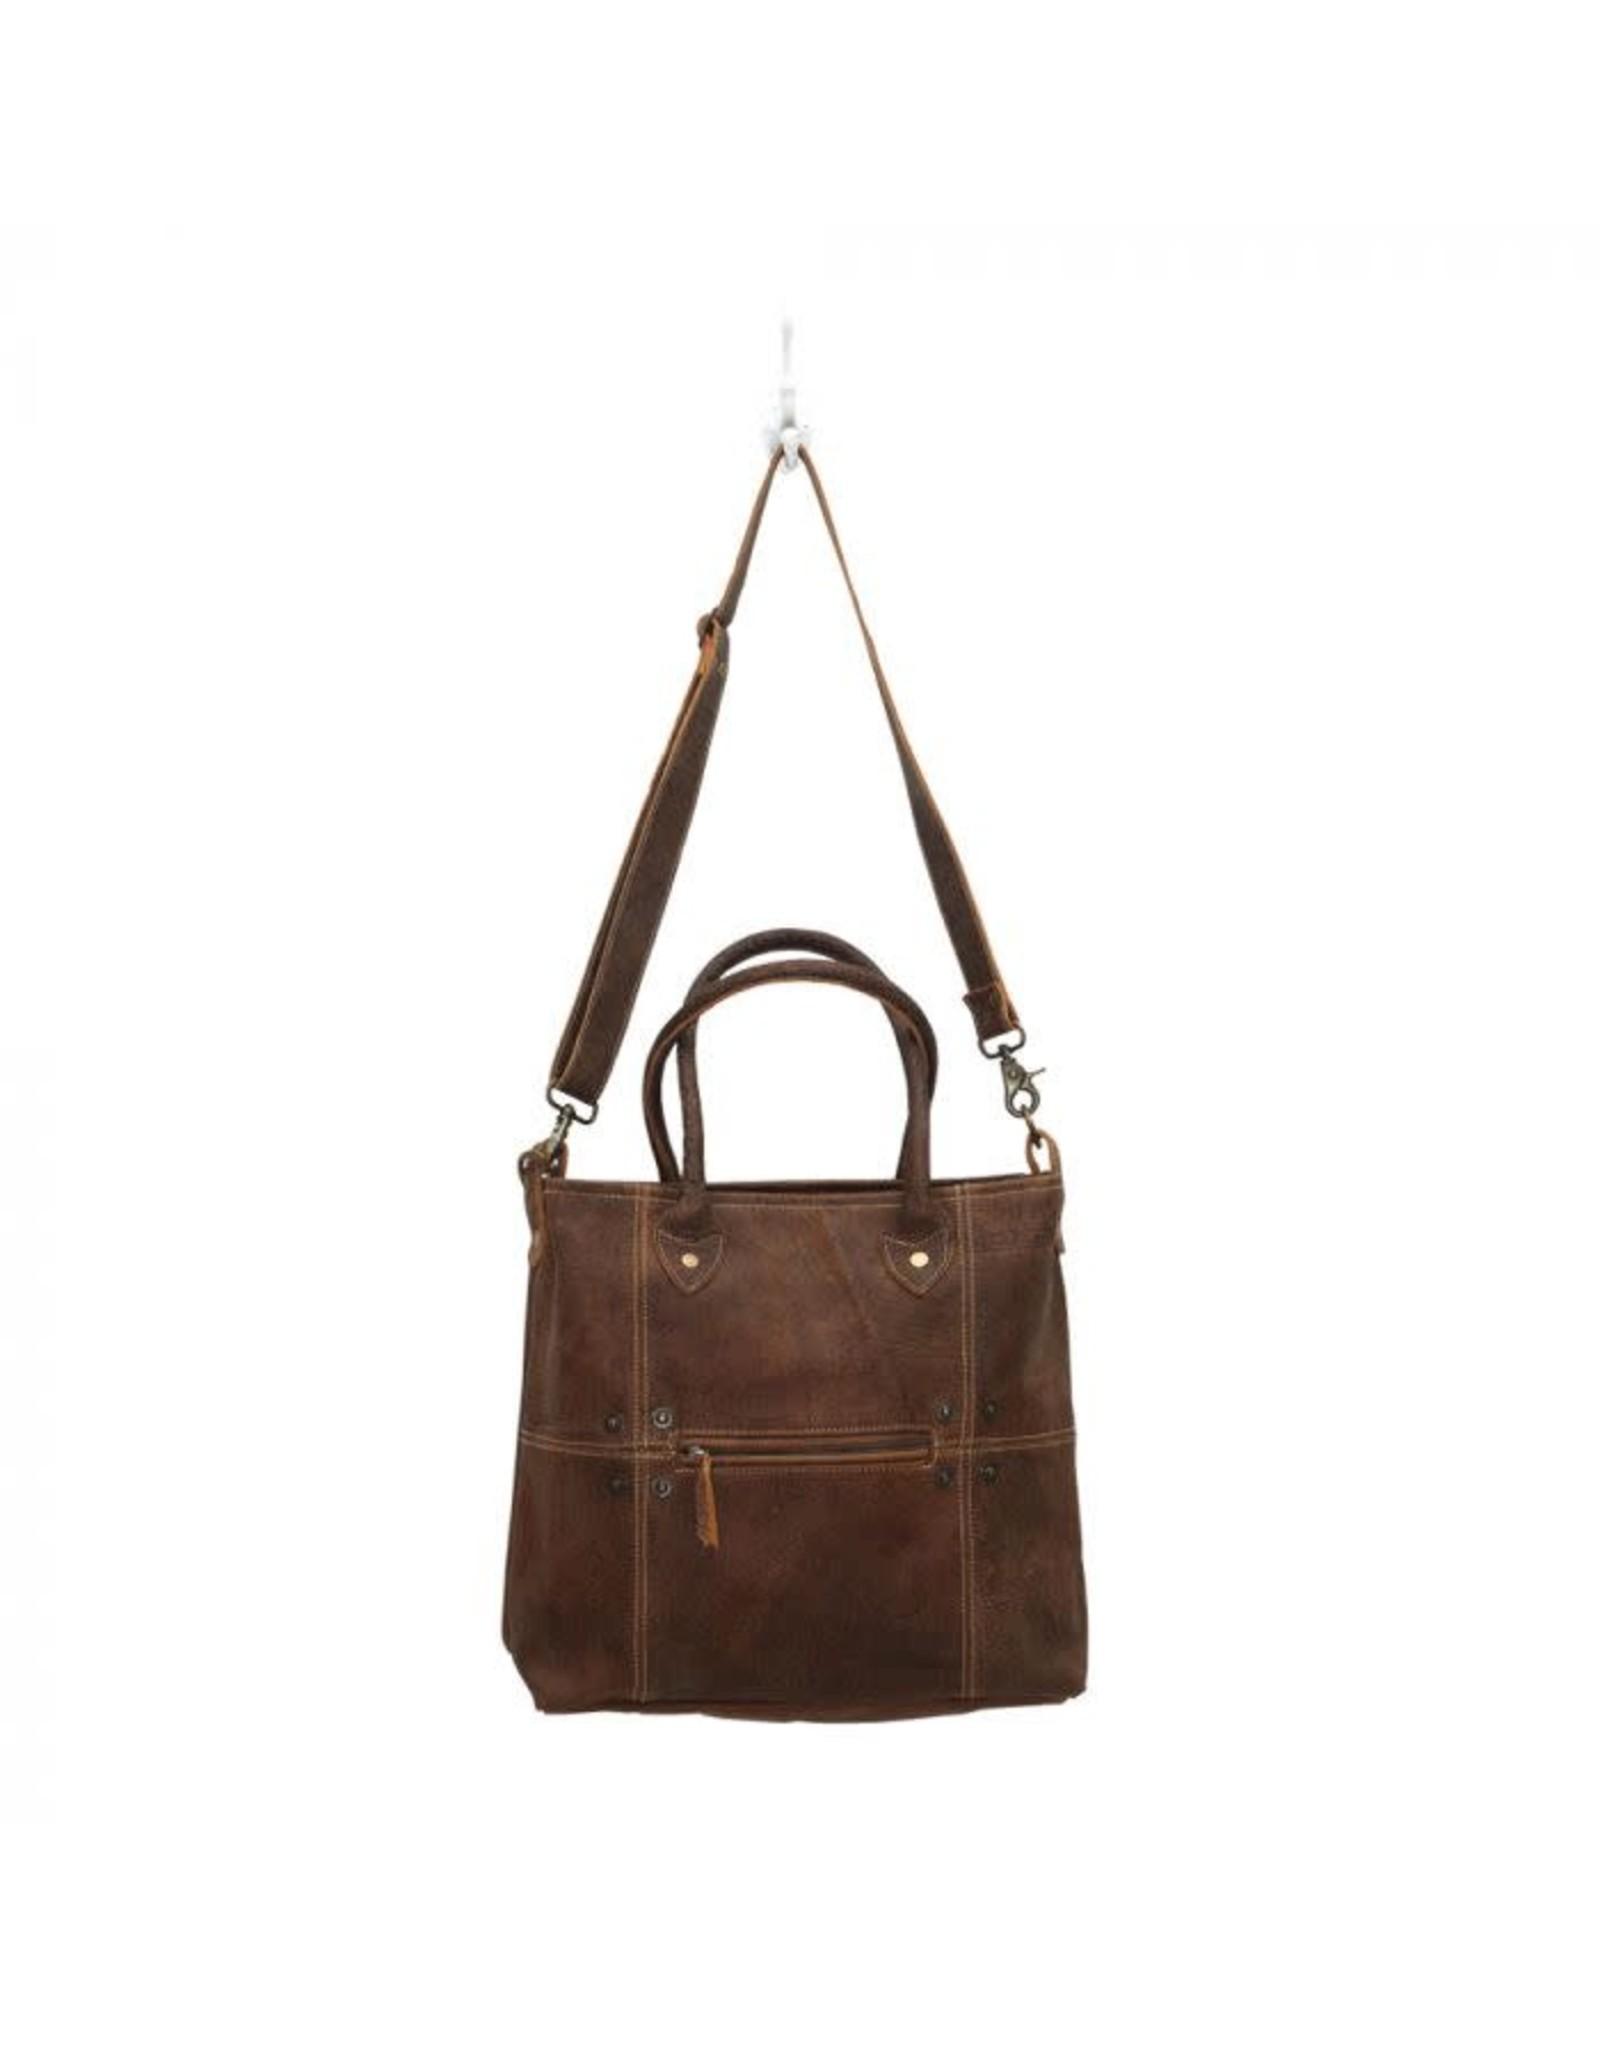 Myra Button & Stitches Leather Bag